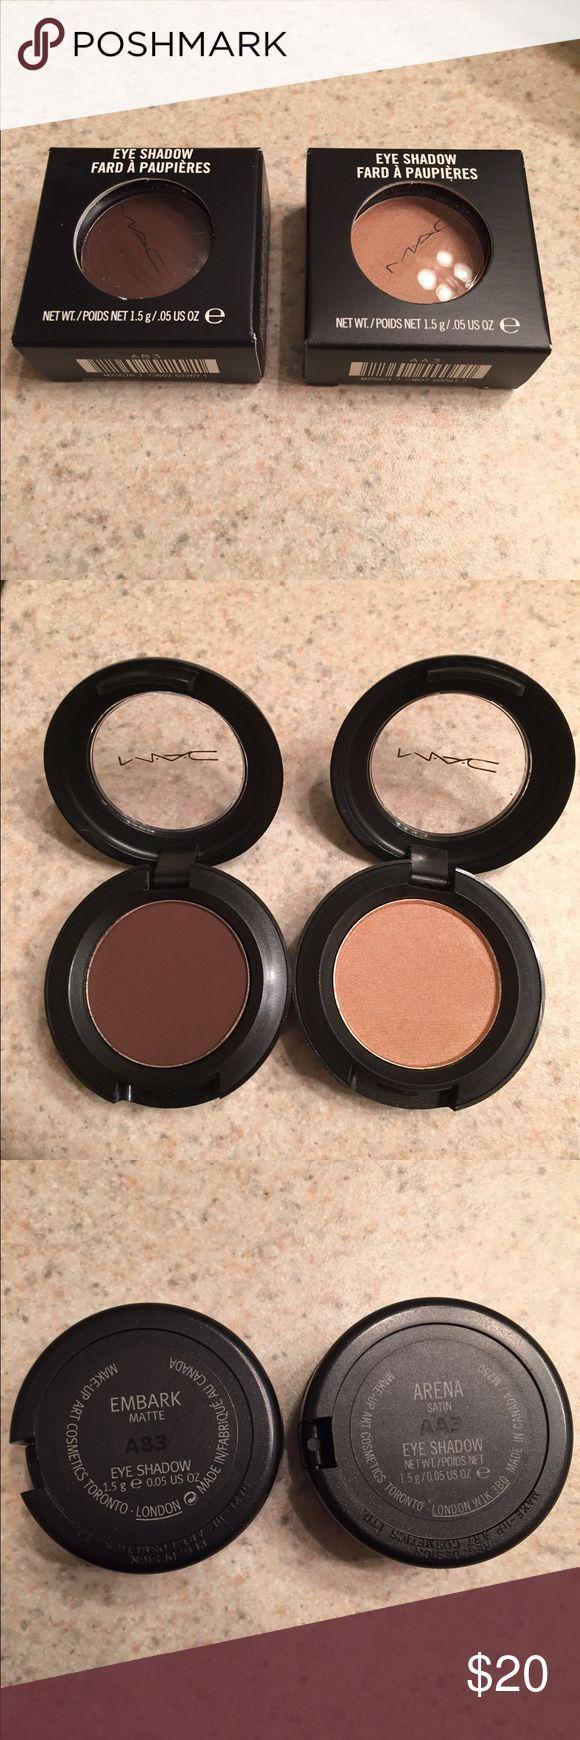 MAC Embark and Arena eyeshadow bundle NWT, unused MAC Cosmetics Makeup Eyeshadow